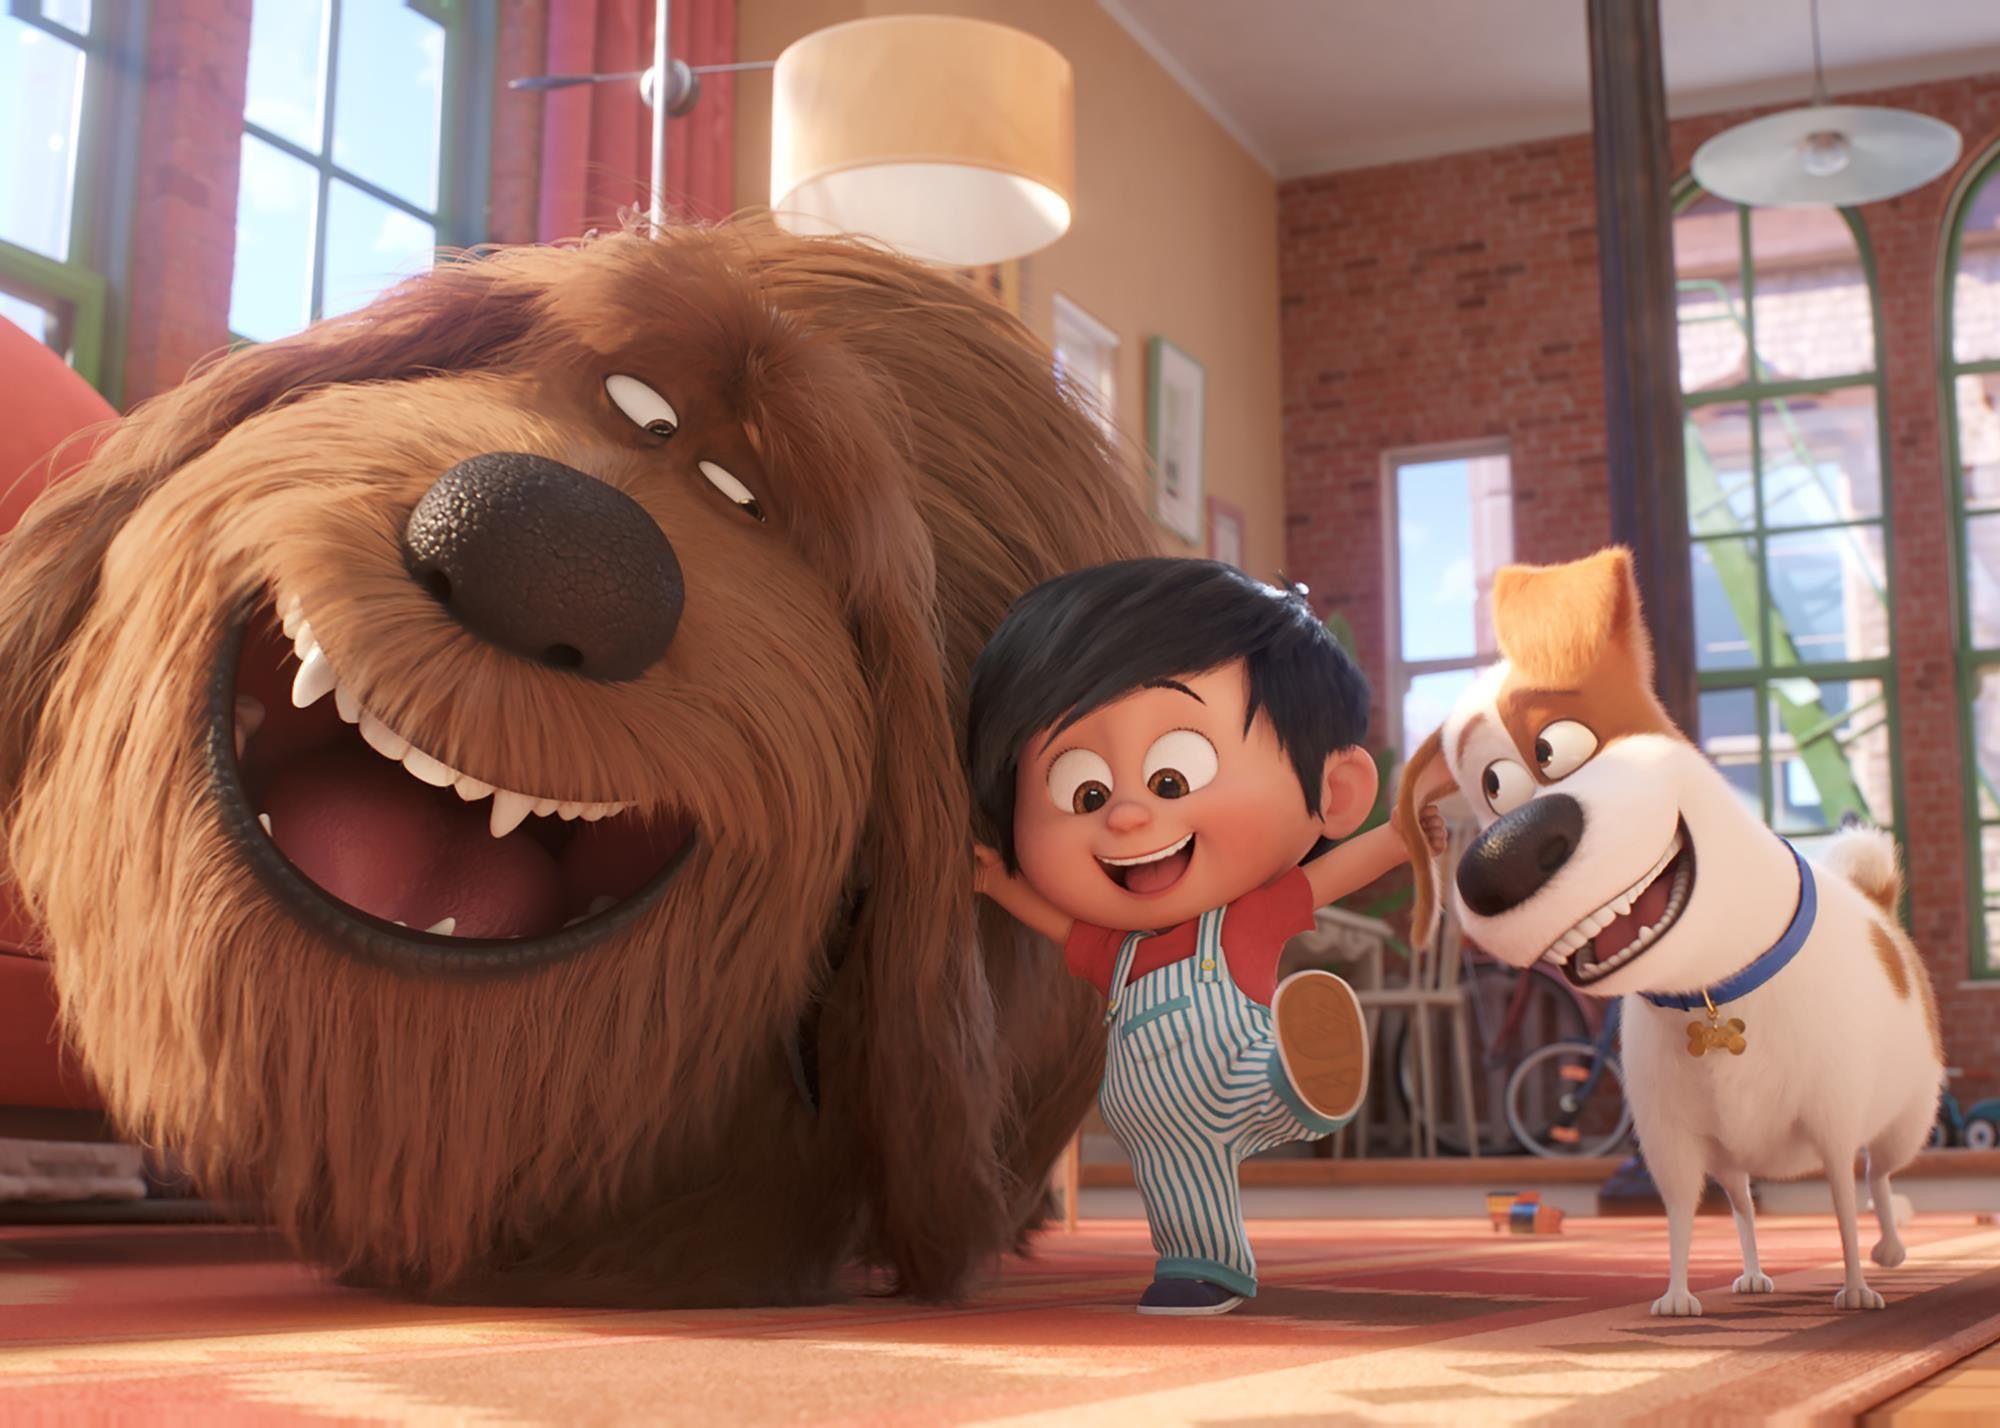 The Secret Life Of Pets 2 Movie Review Secret Life Of Pets Cute Disney Wallpaper Secret Life